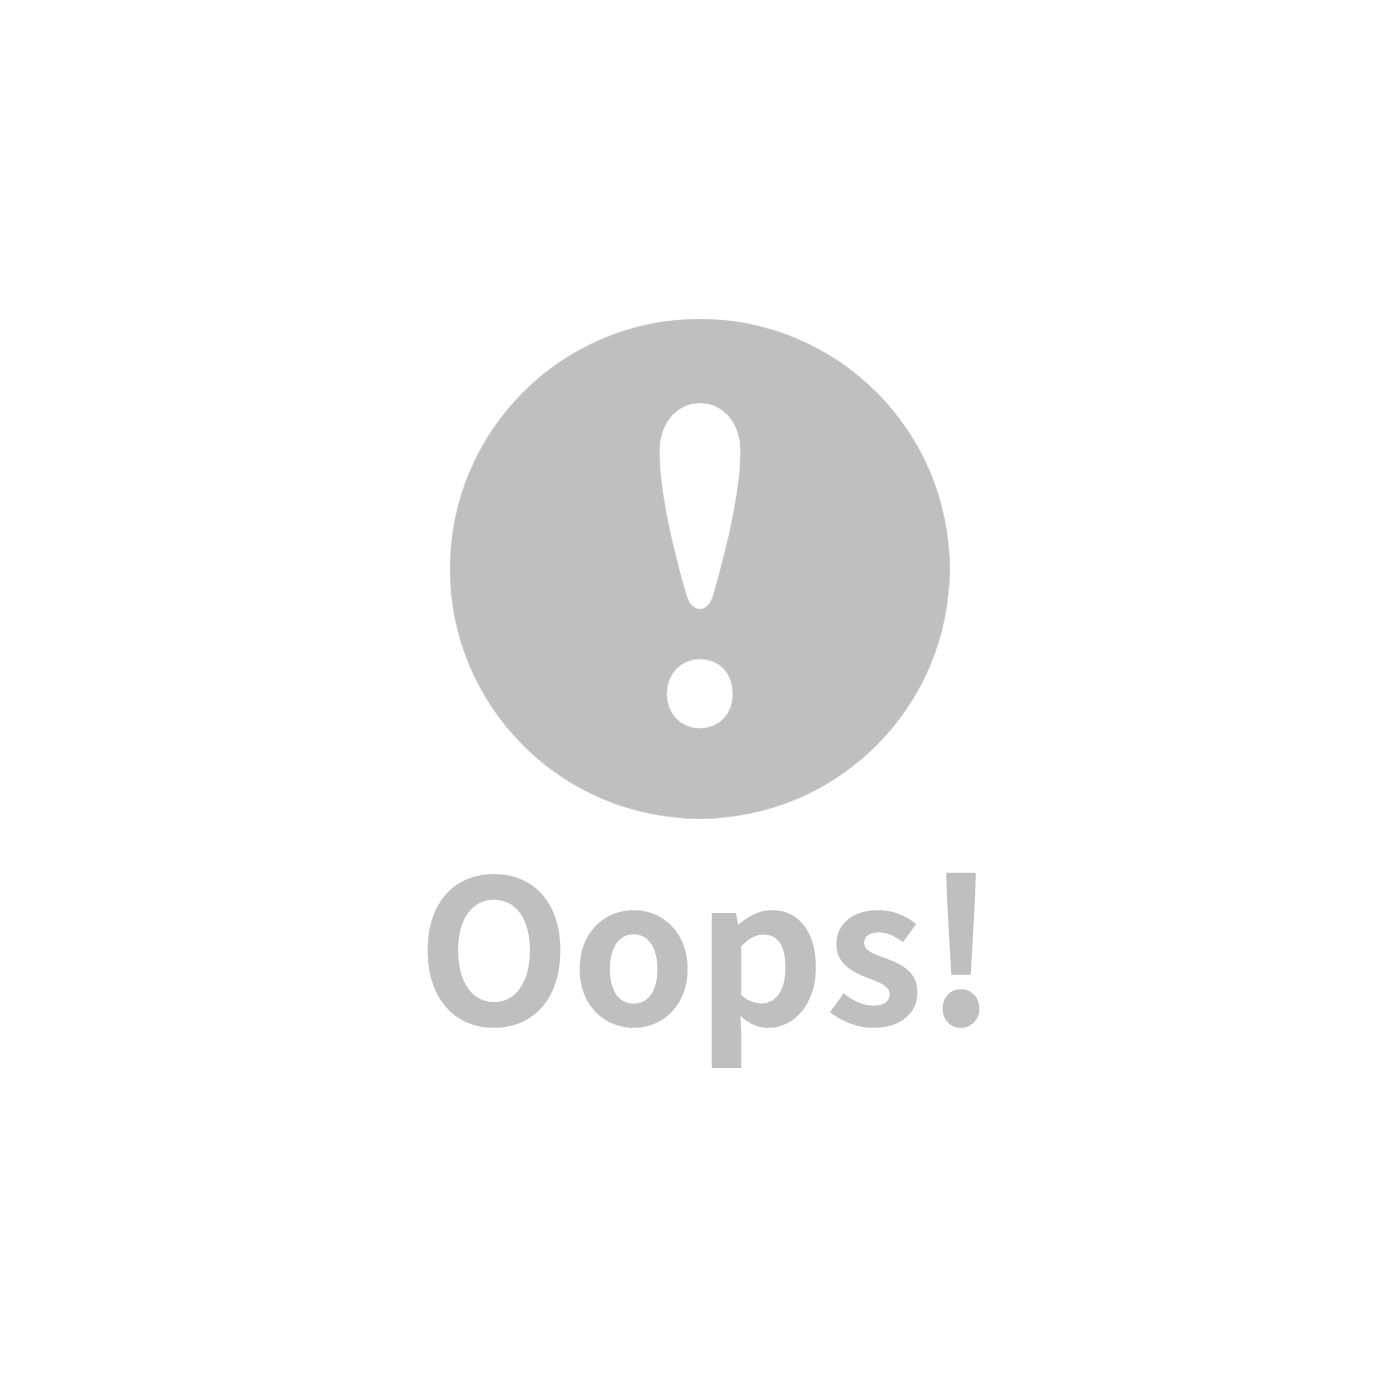 【韓國Lolbaby】Hi Jell-O涼感蒟蒻枕頭+涼感蒟蒻床墊加大(雲朵朵)